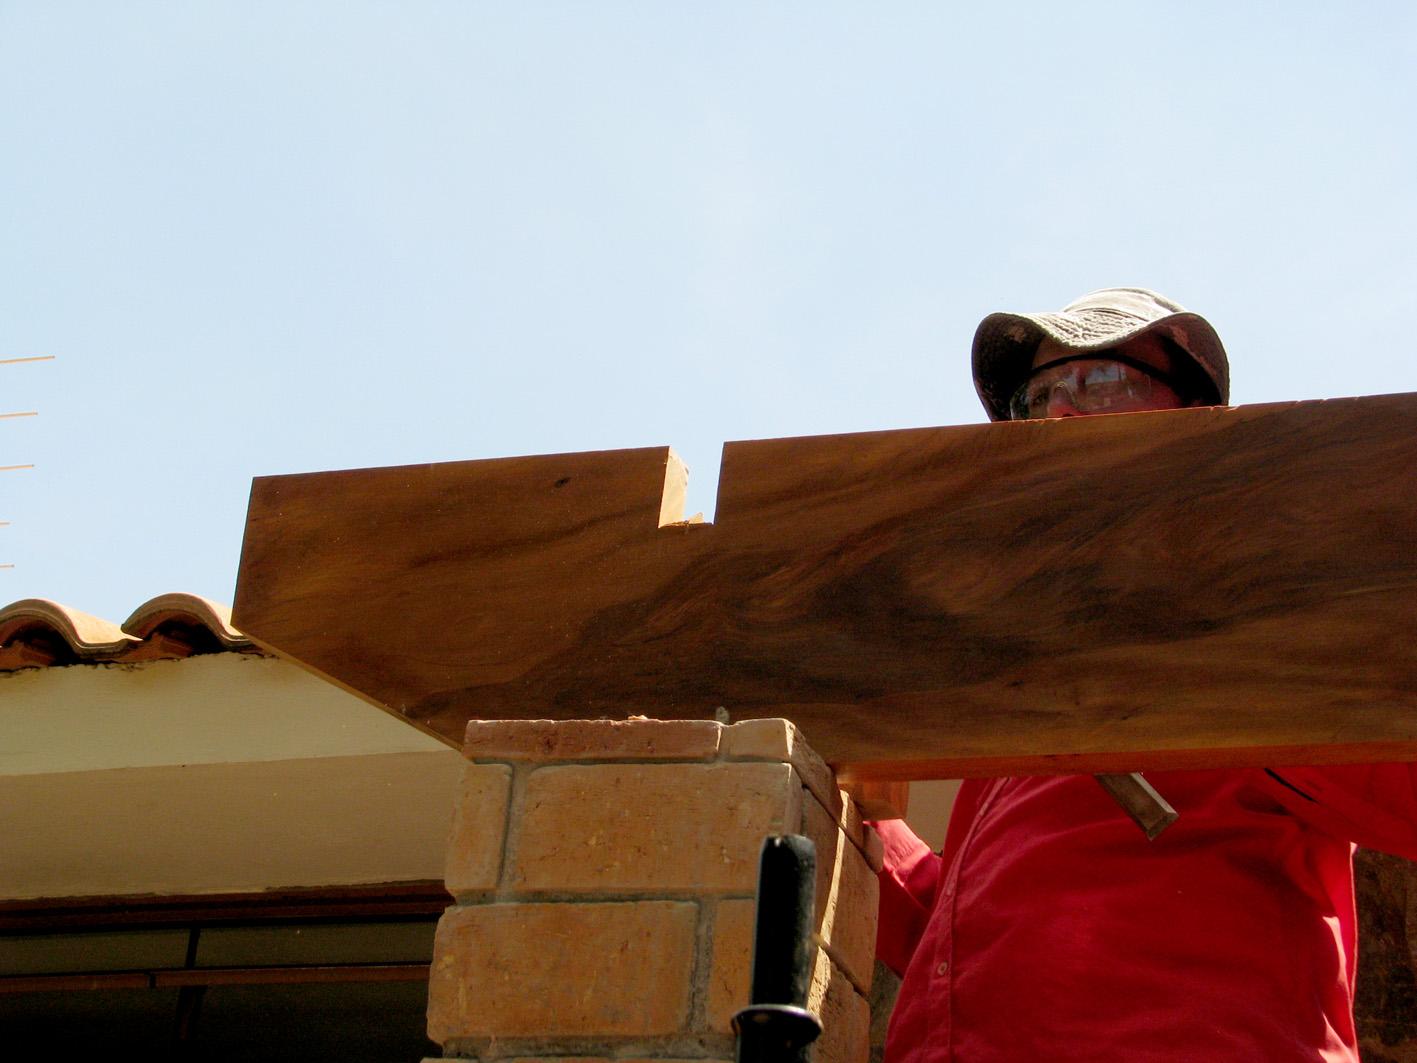 Estrutura em madeira sendo montada